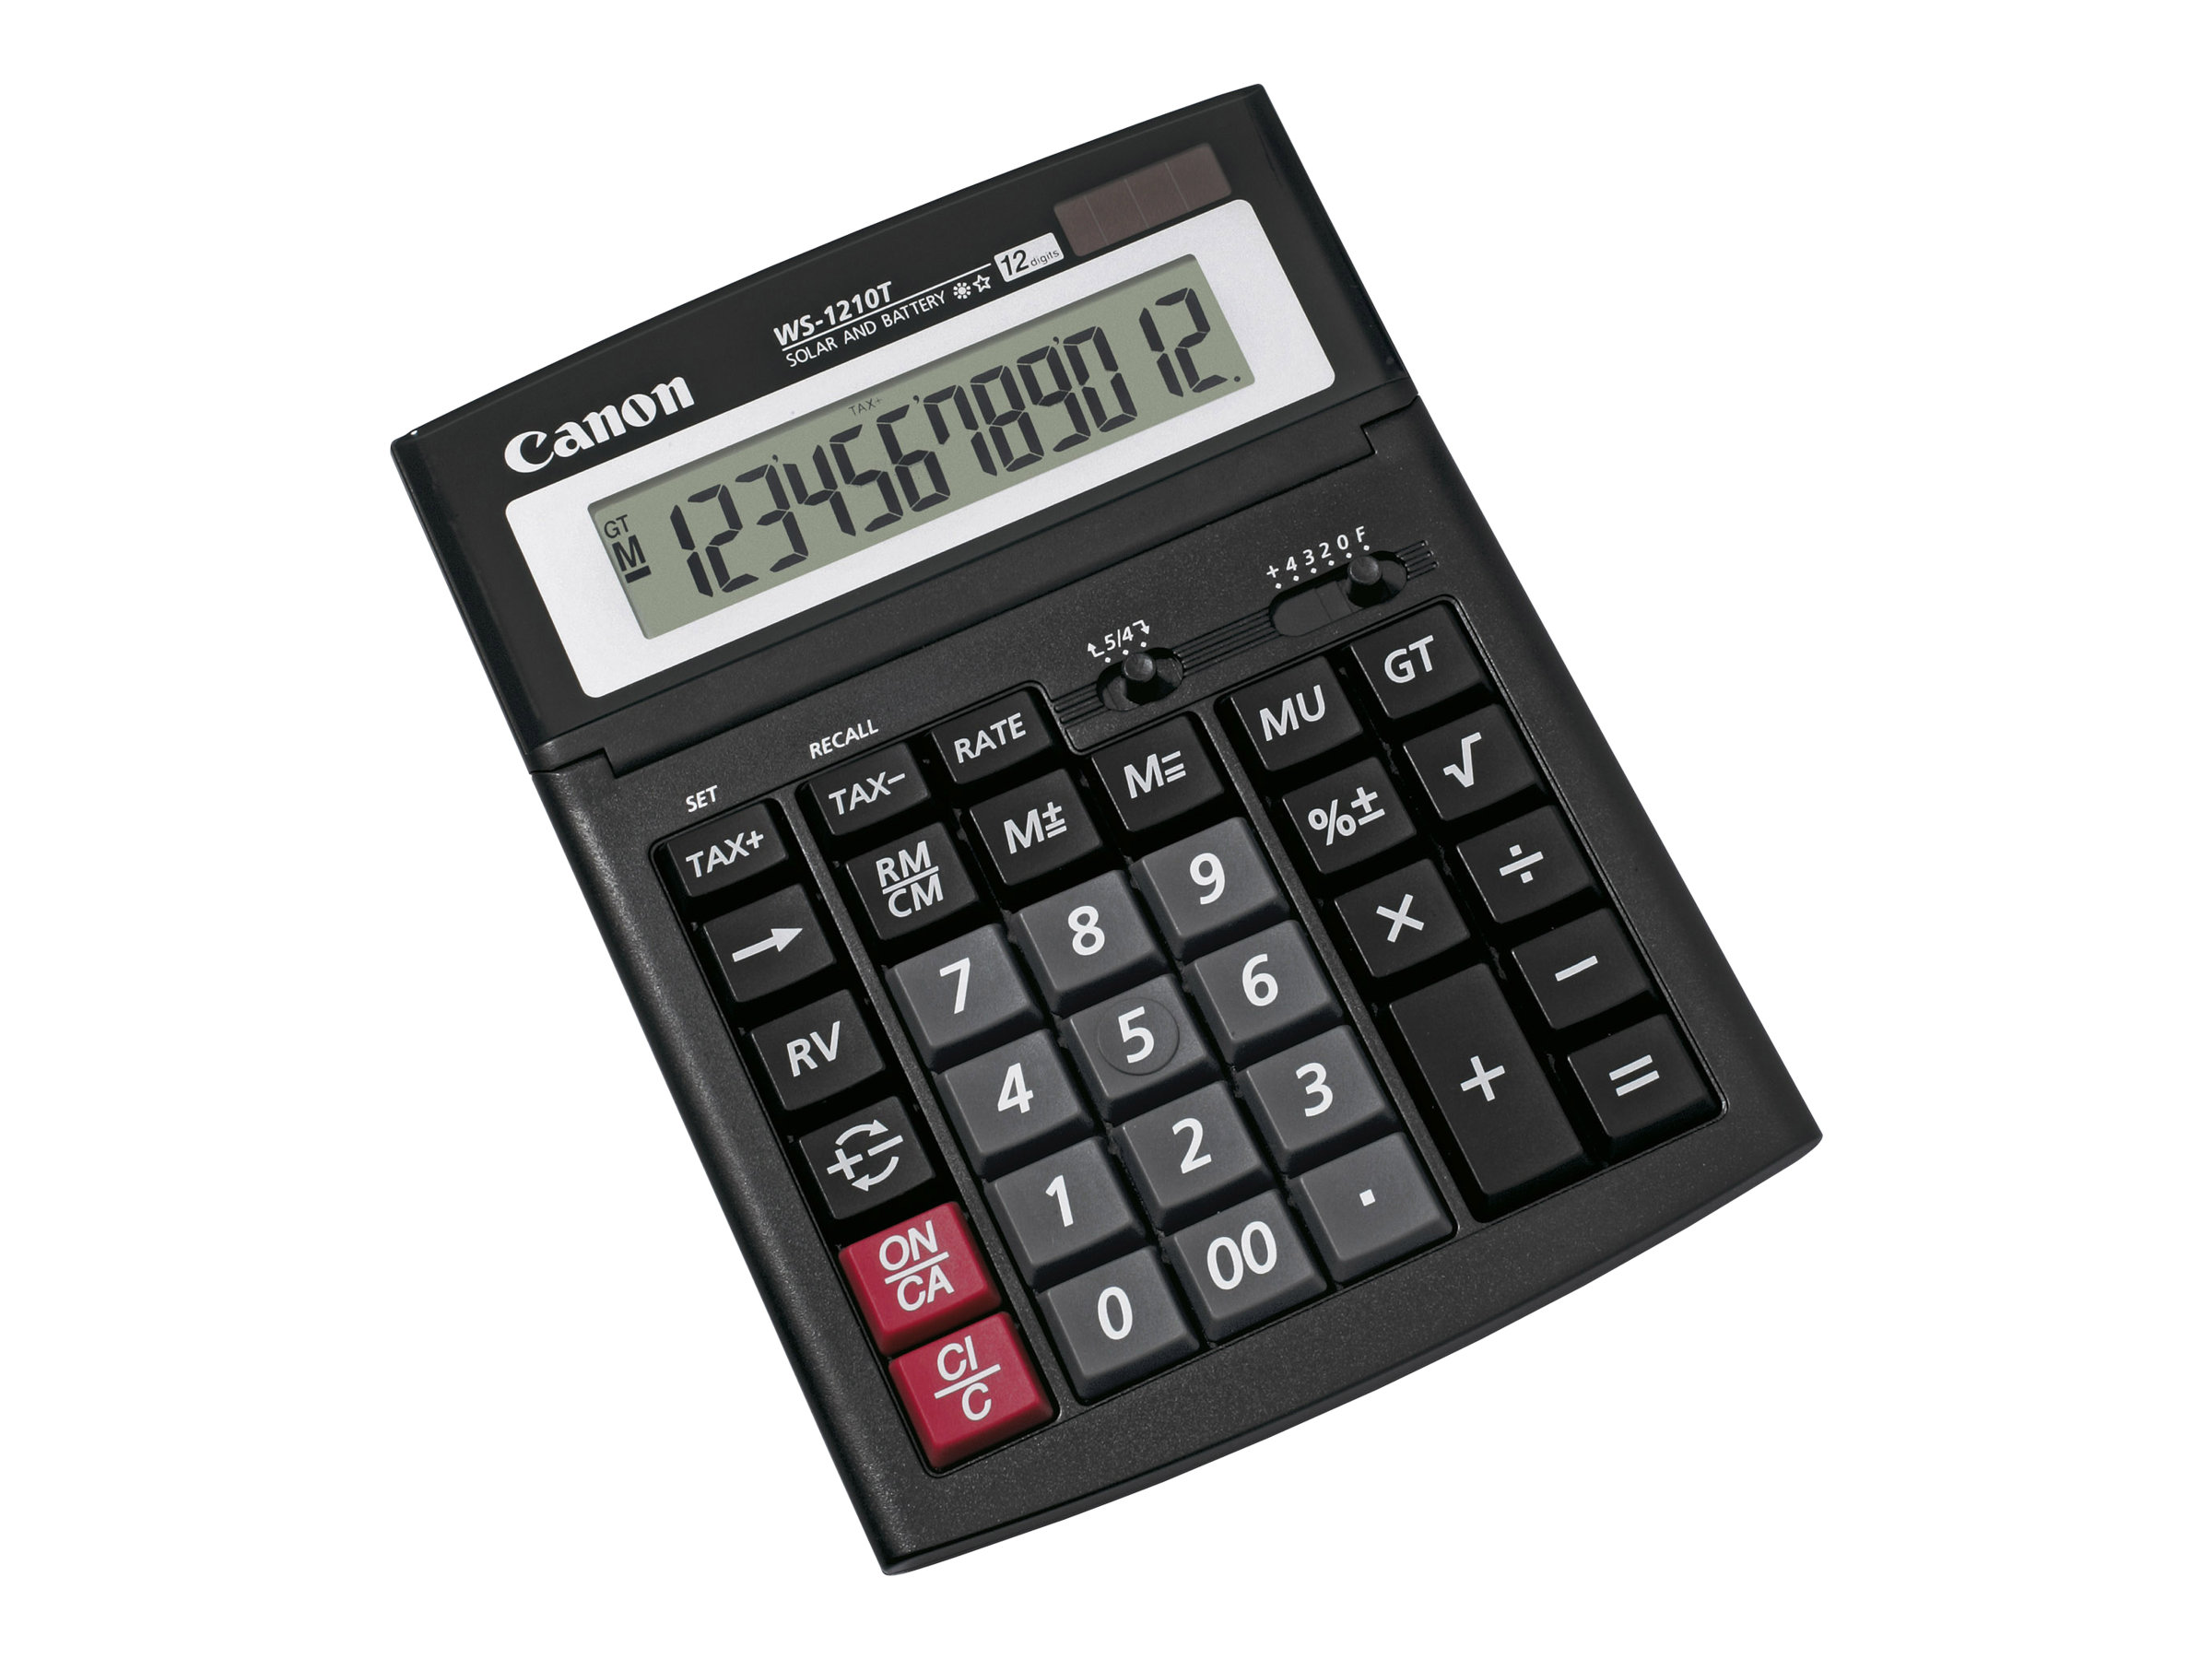 Canon WS-1210T - Desktop-Taschenrechner - 12 Stellen - Solarpanel, Batterie - Schwarz